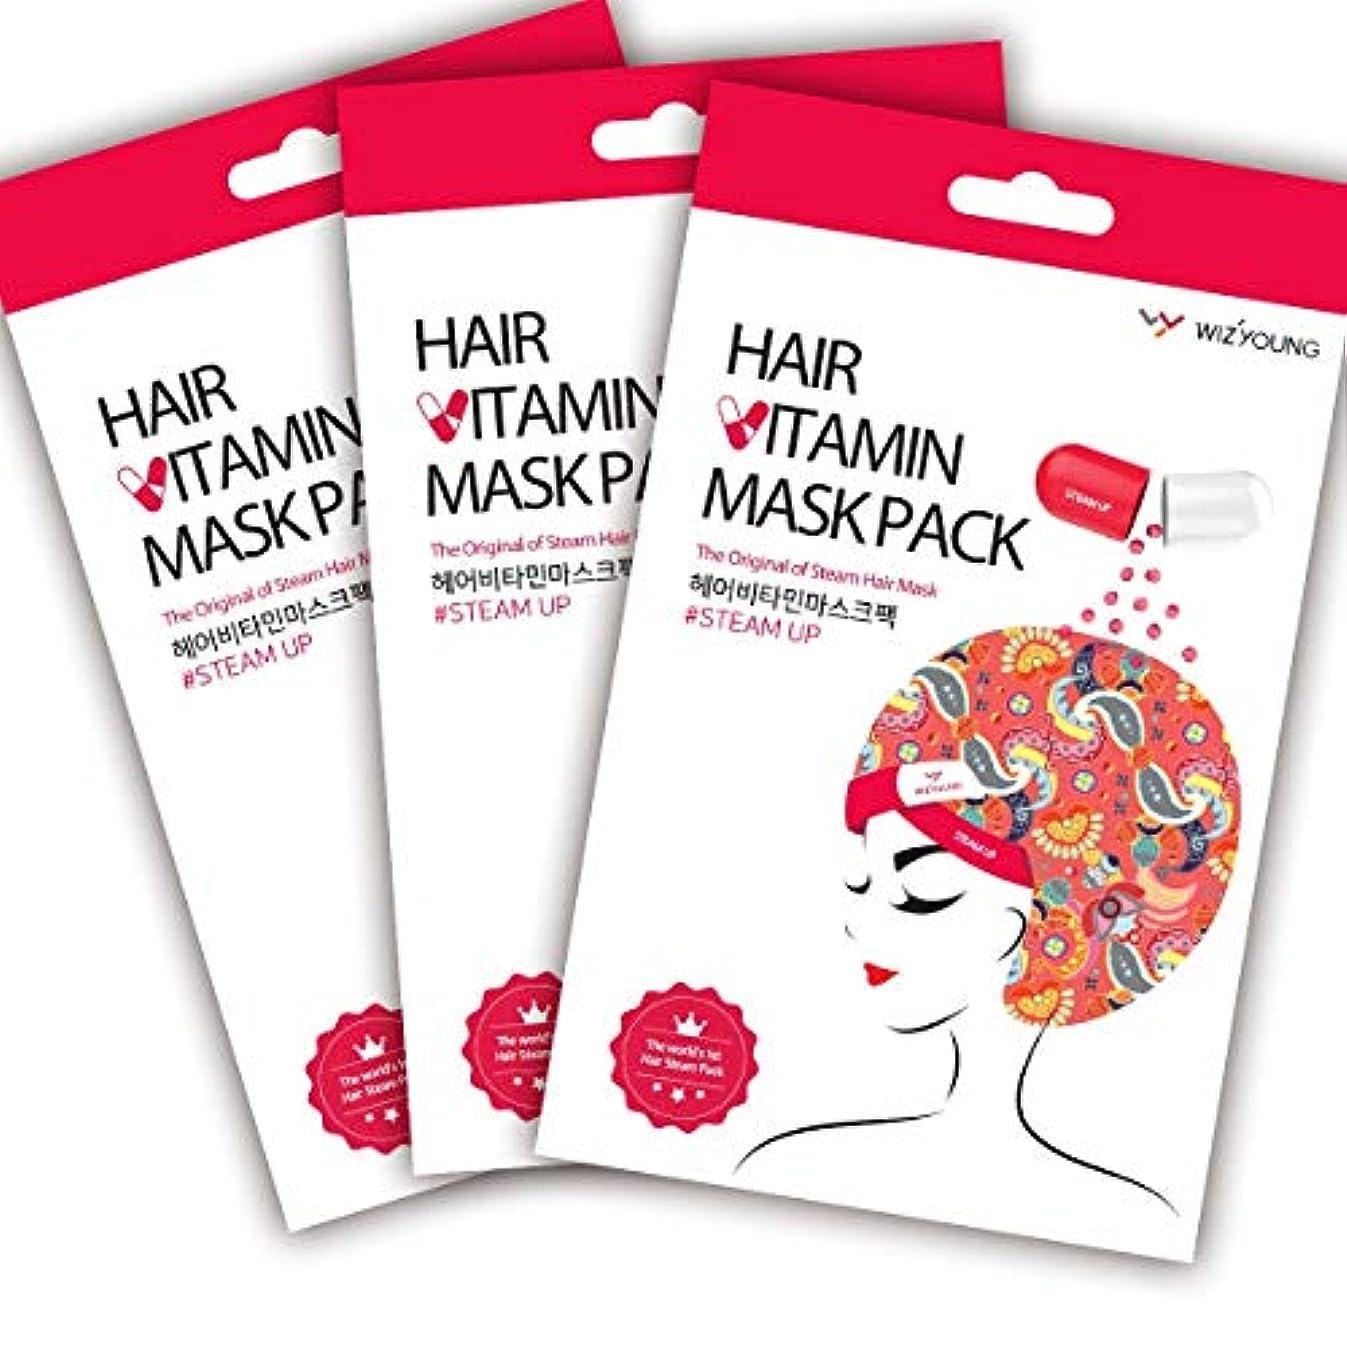 プーノ代数的じゃないヘアビタミンマスクパック スチームアップ 3パックセット HAIR VITAMIN MASK PACK STEAM UP